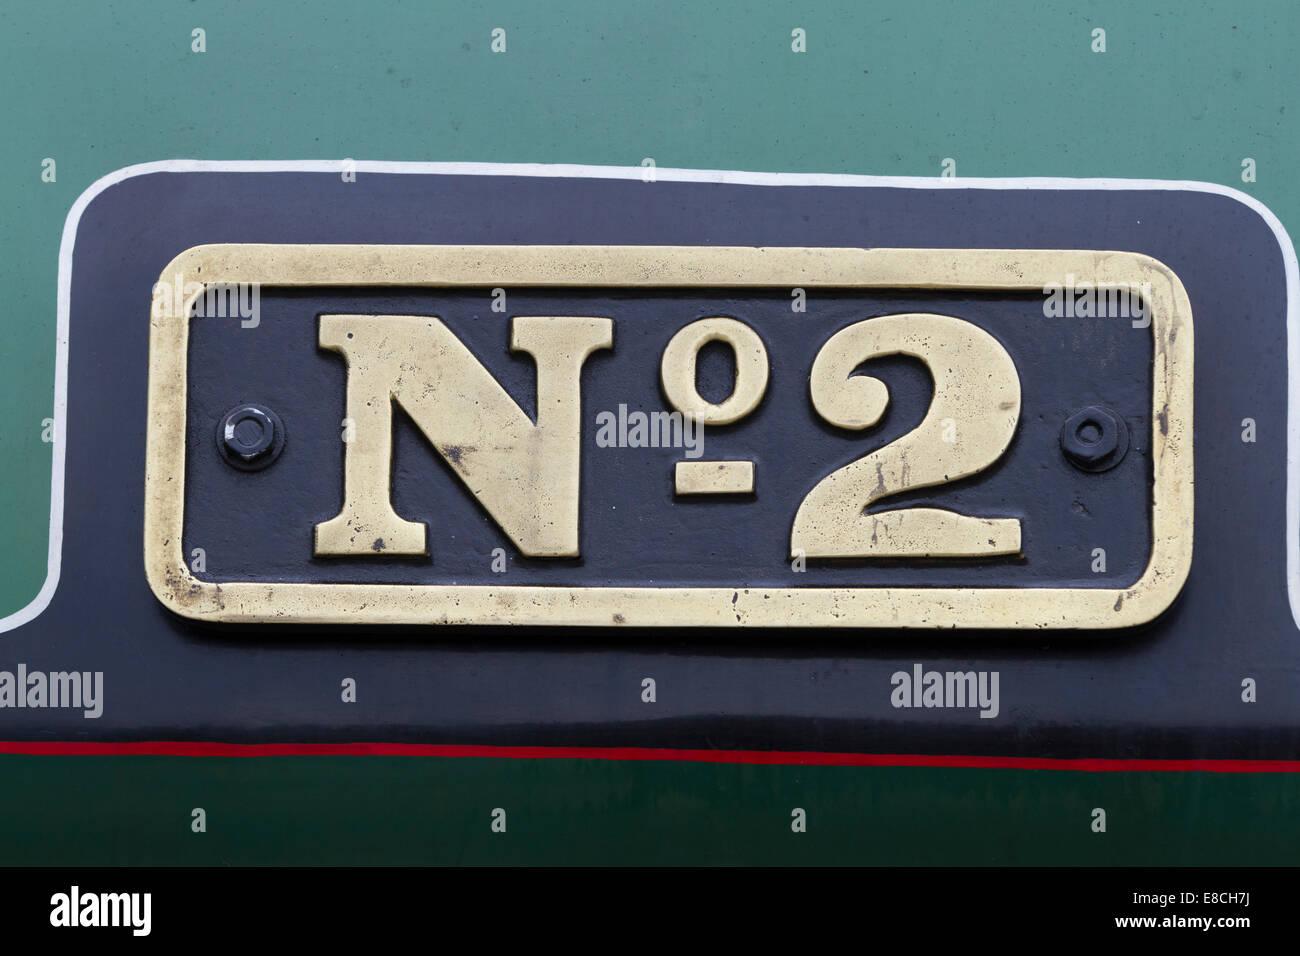 Steam Railway Engine Stock Photos & Steam Railway Engine